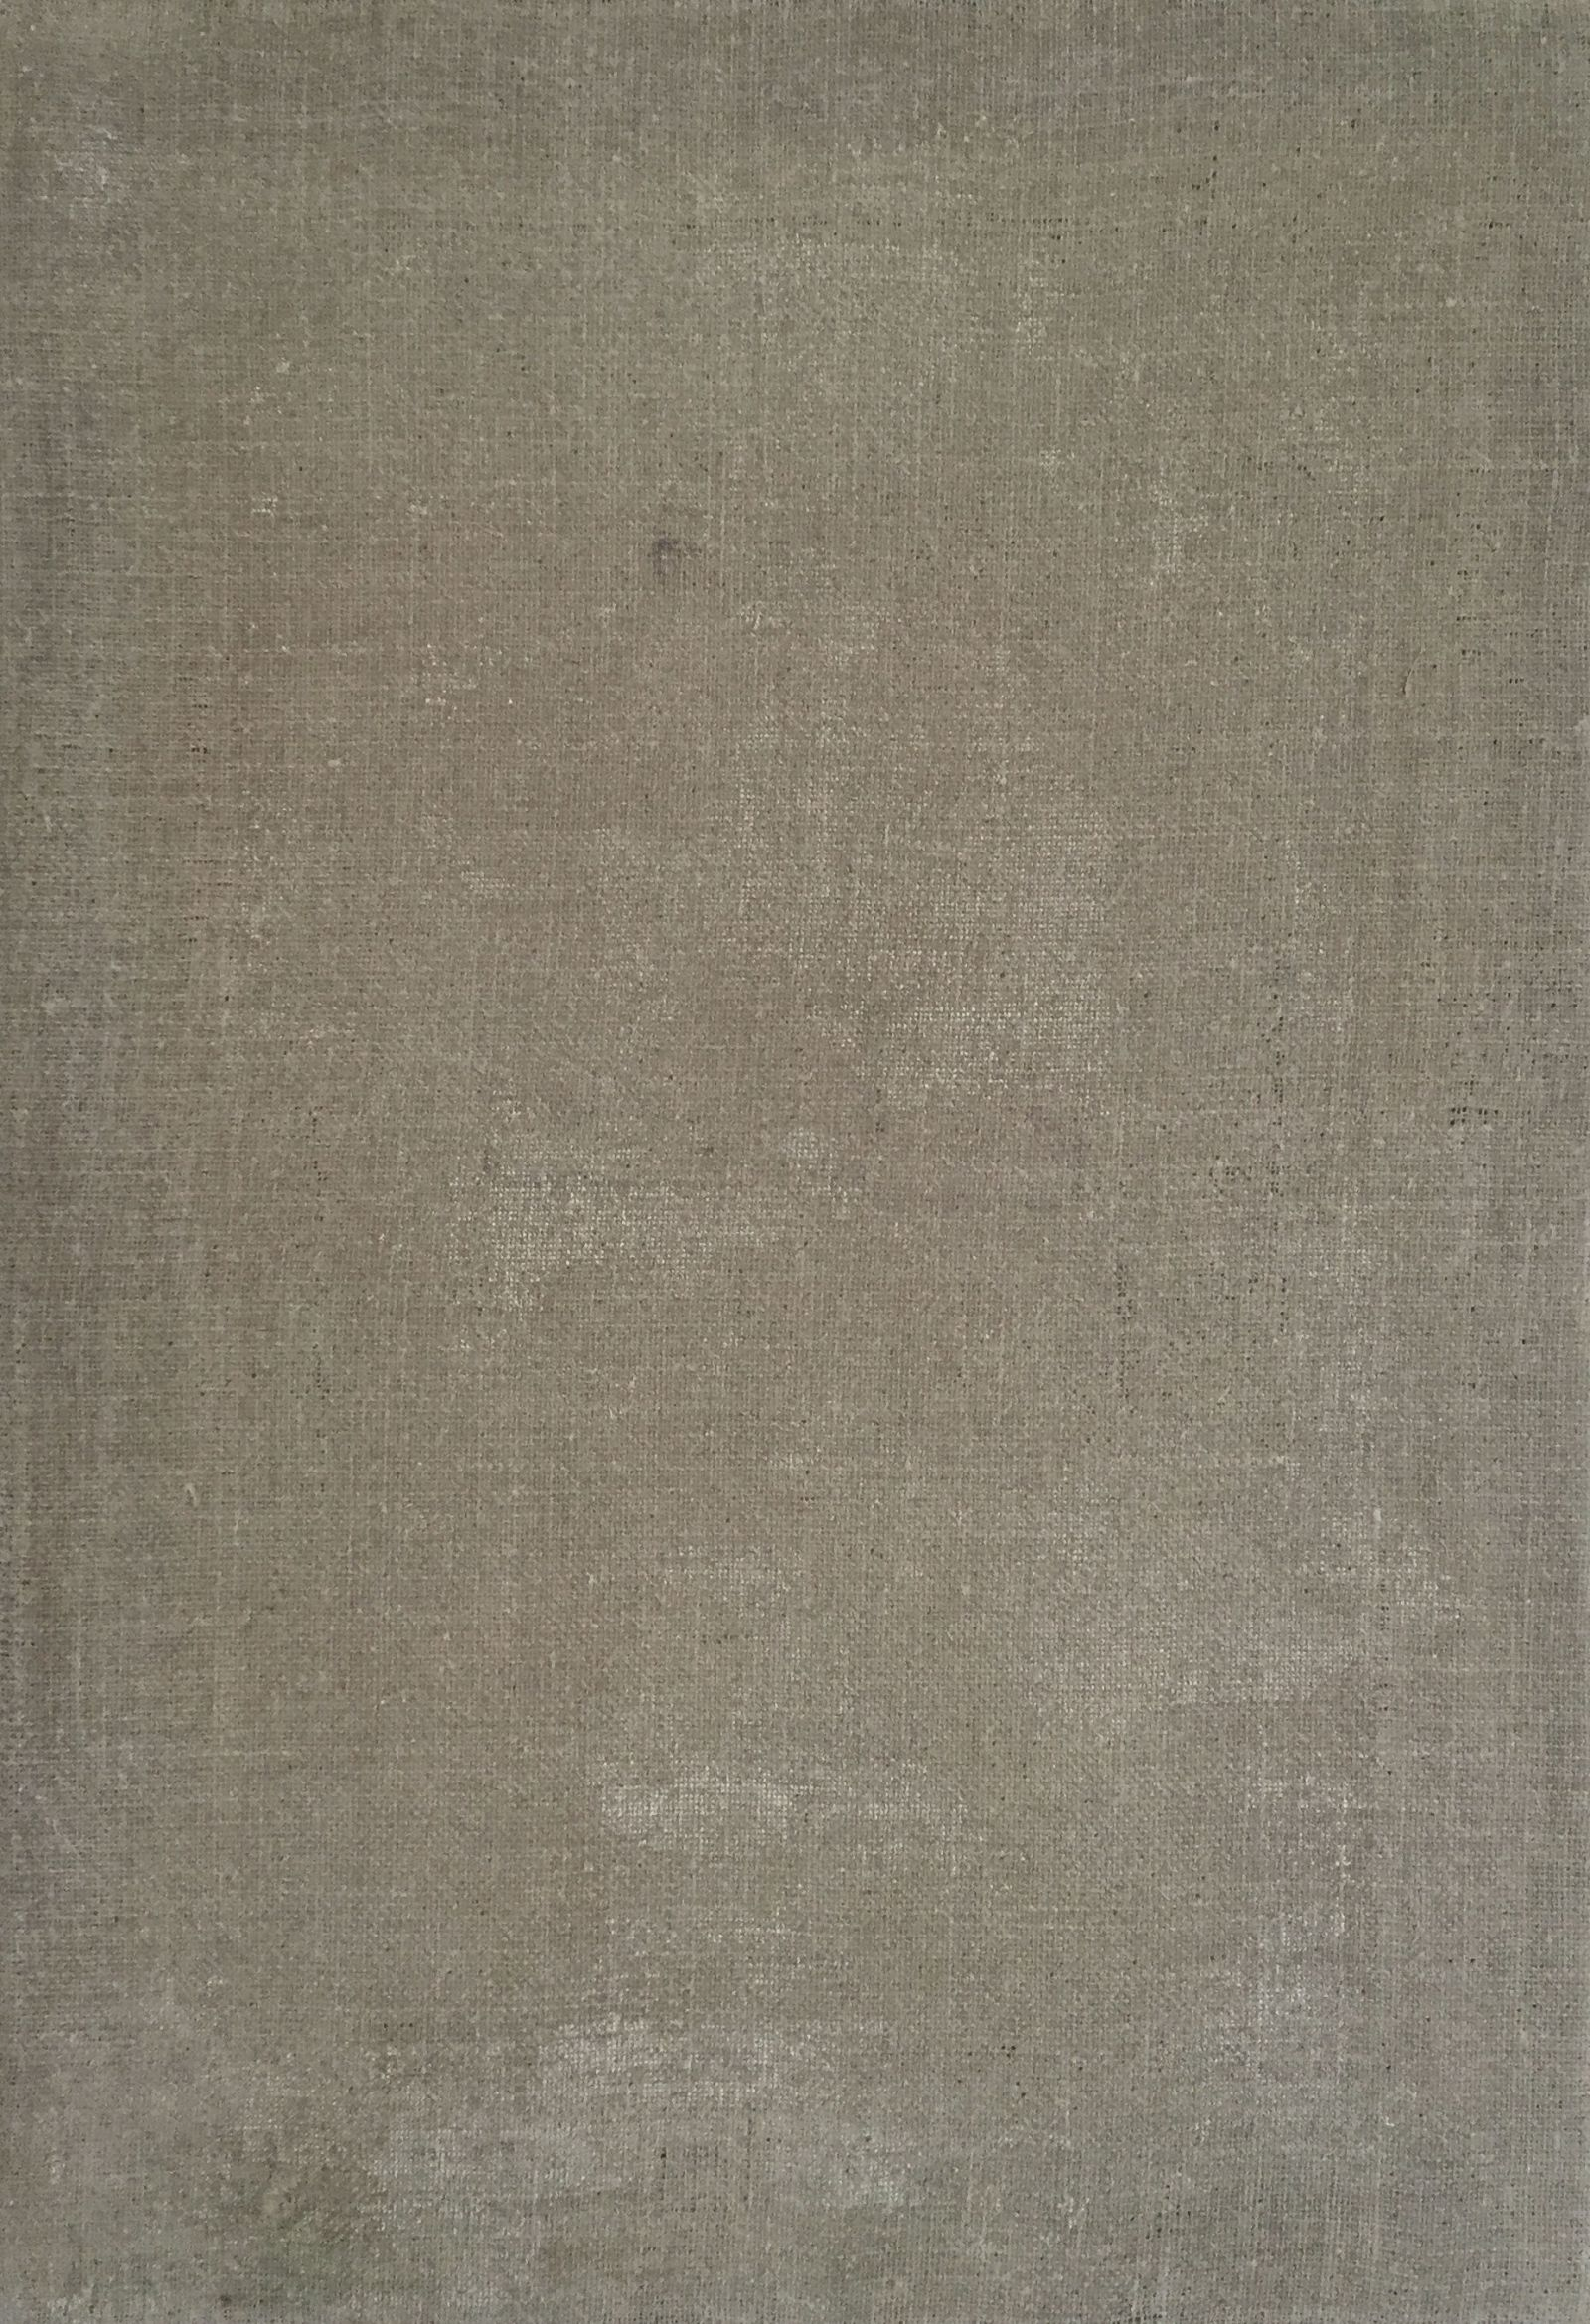 crn-peinture-depeinte-2-huile-sur-toile-35x24cm-1974-9750cf09f68f954a431646444bb33b5a